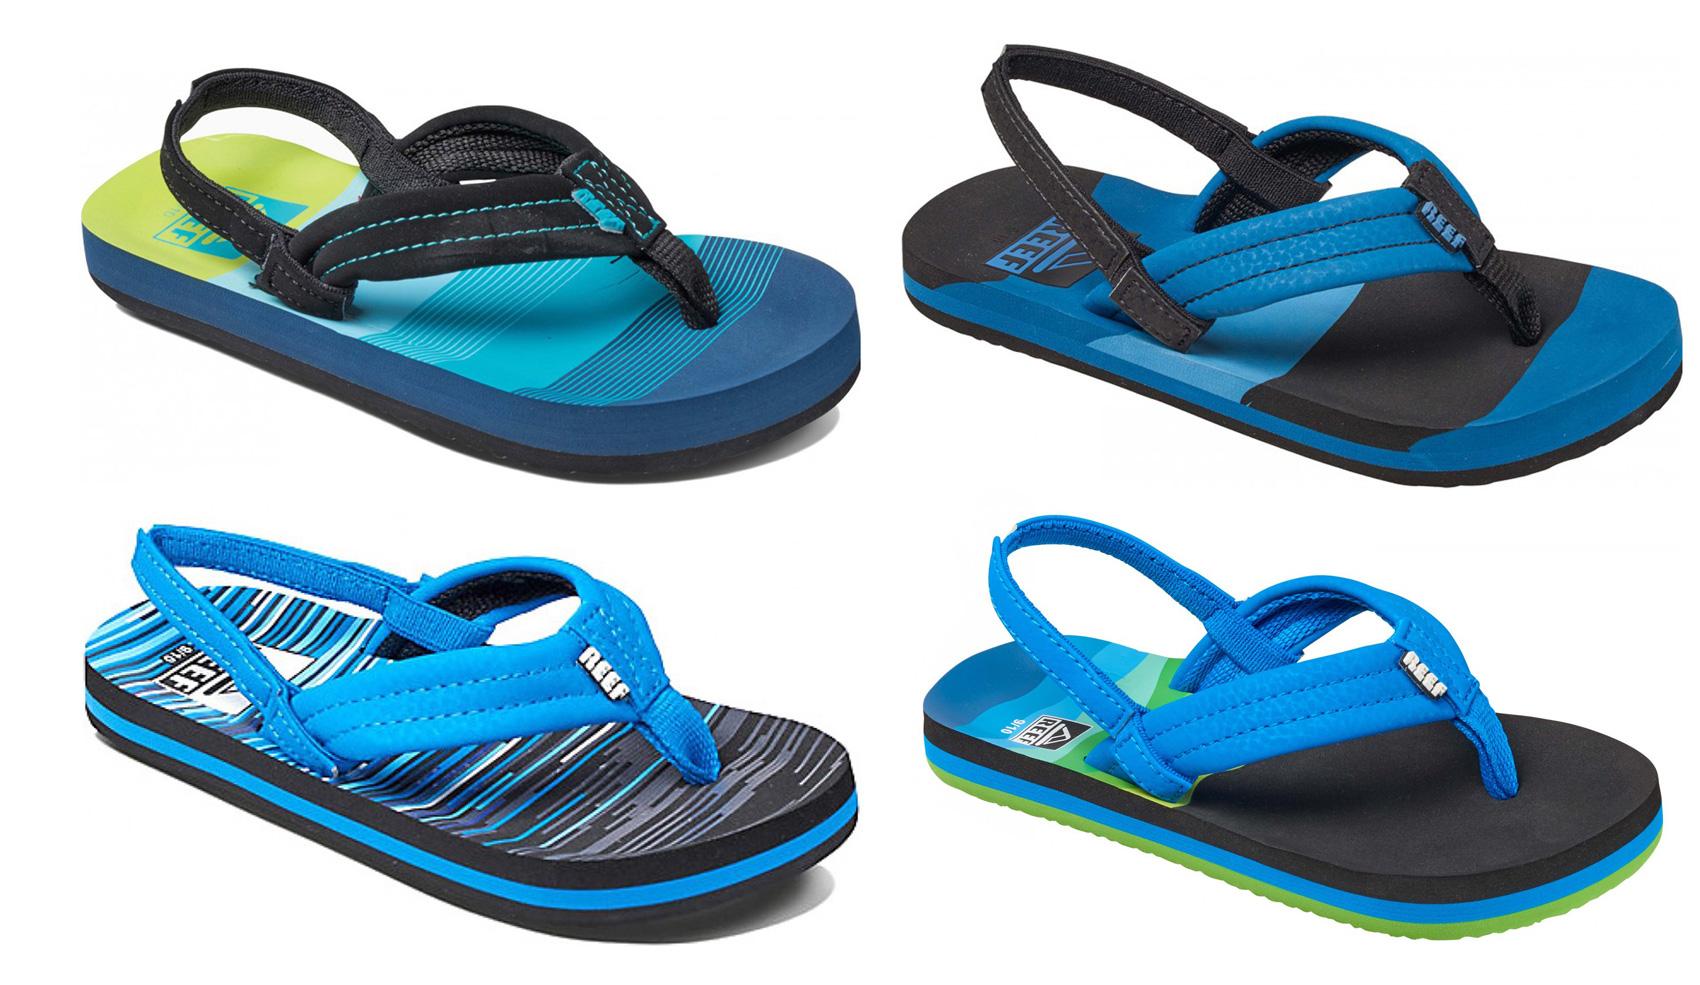 86c6e3449b12 Sentinel Reef Kids Sandals - Ahi - Aqua